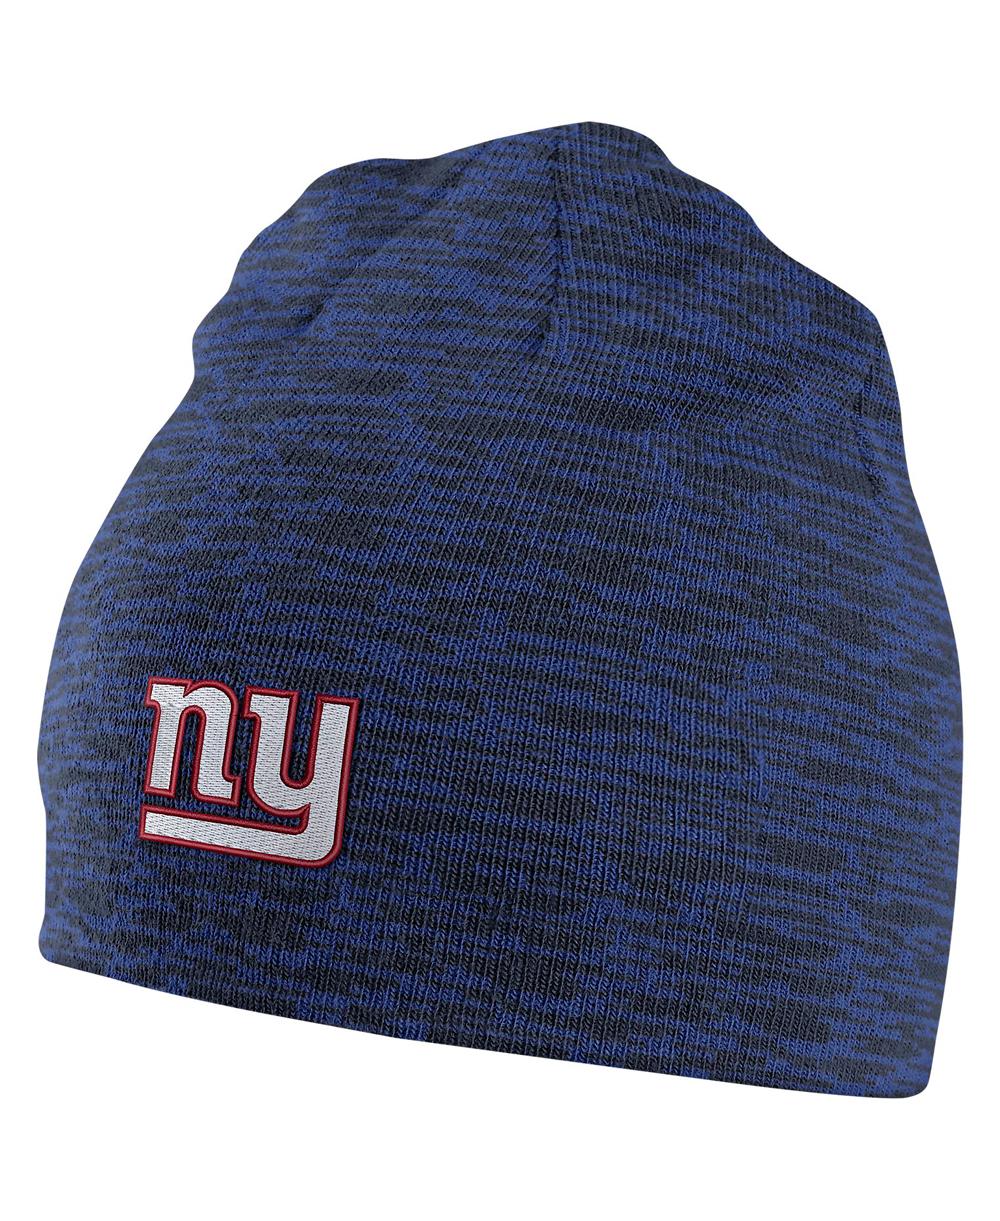 Reversible Berretto Uomo NFL Giants